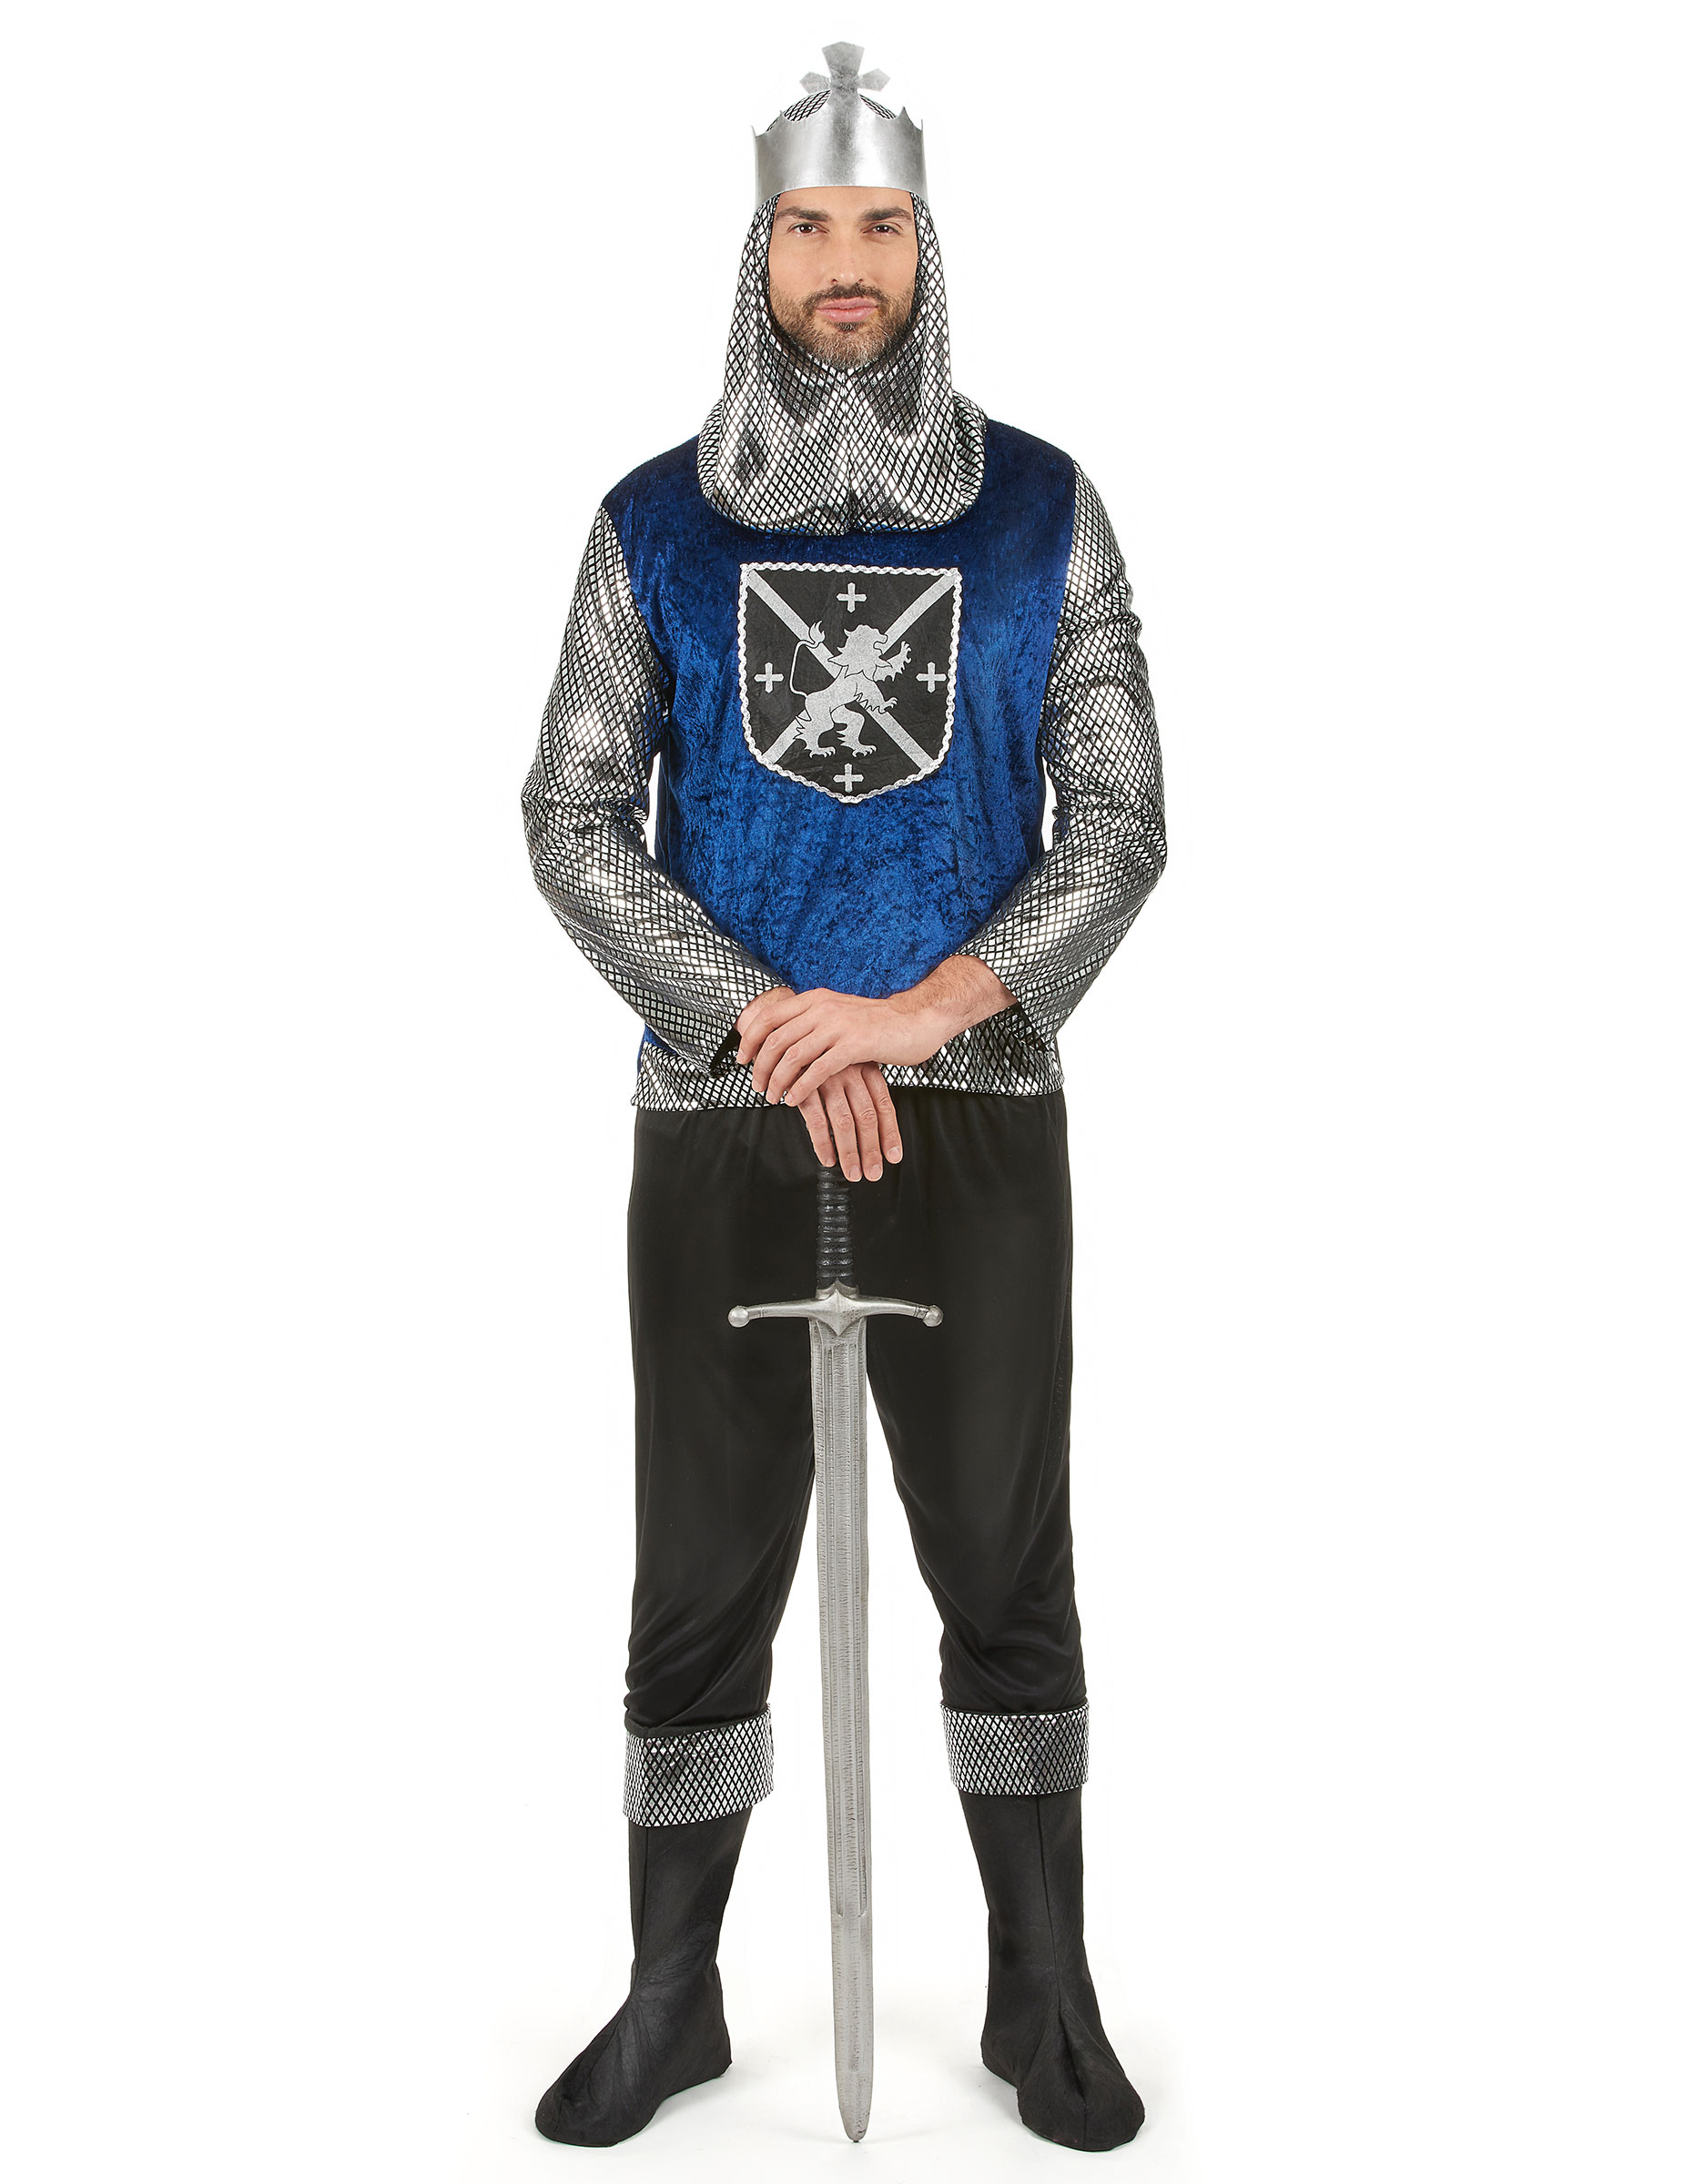 Tapferer Ritter Mittelalter Herrenkostüm Silber Blau Schwarz